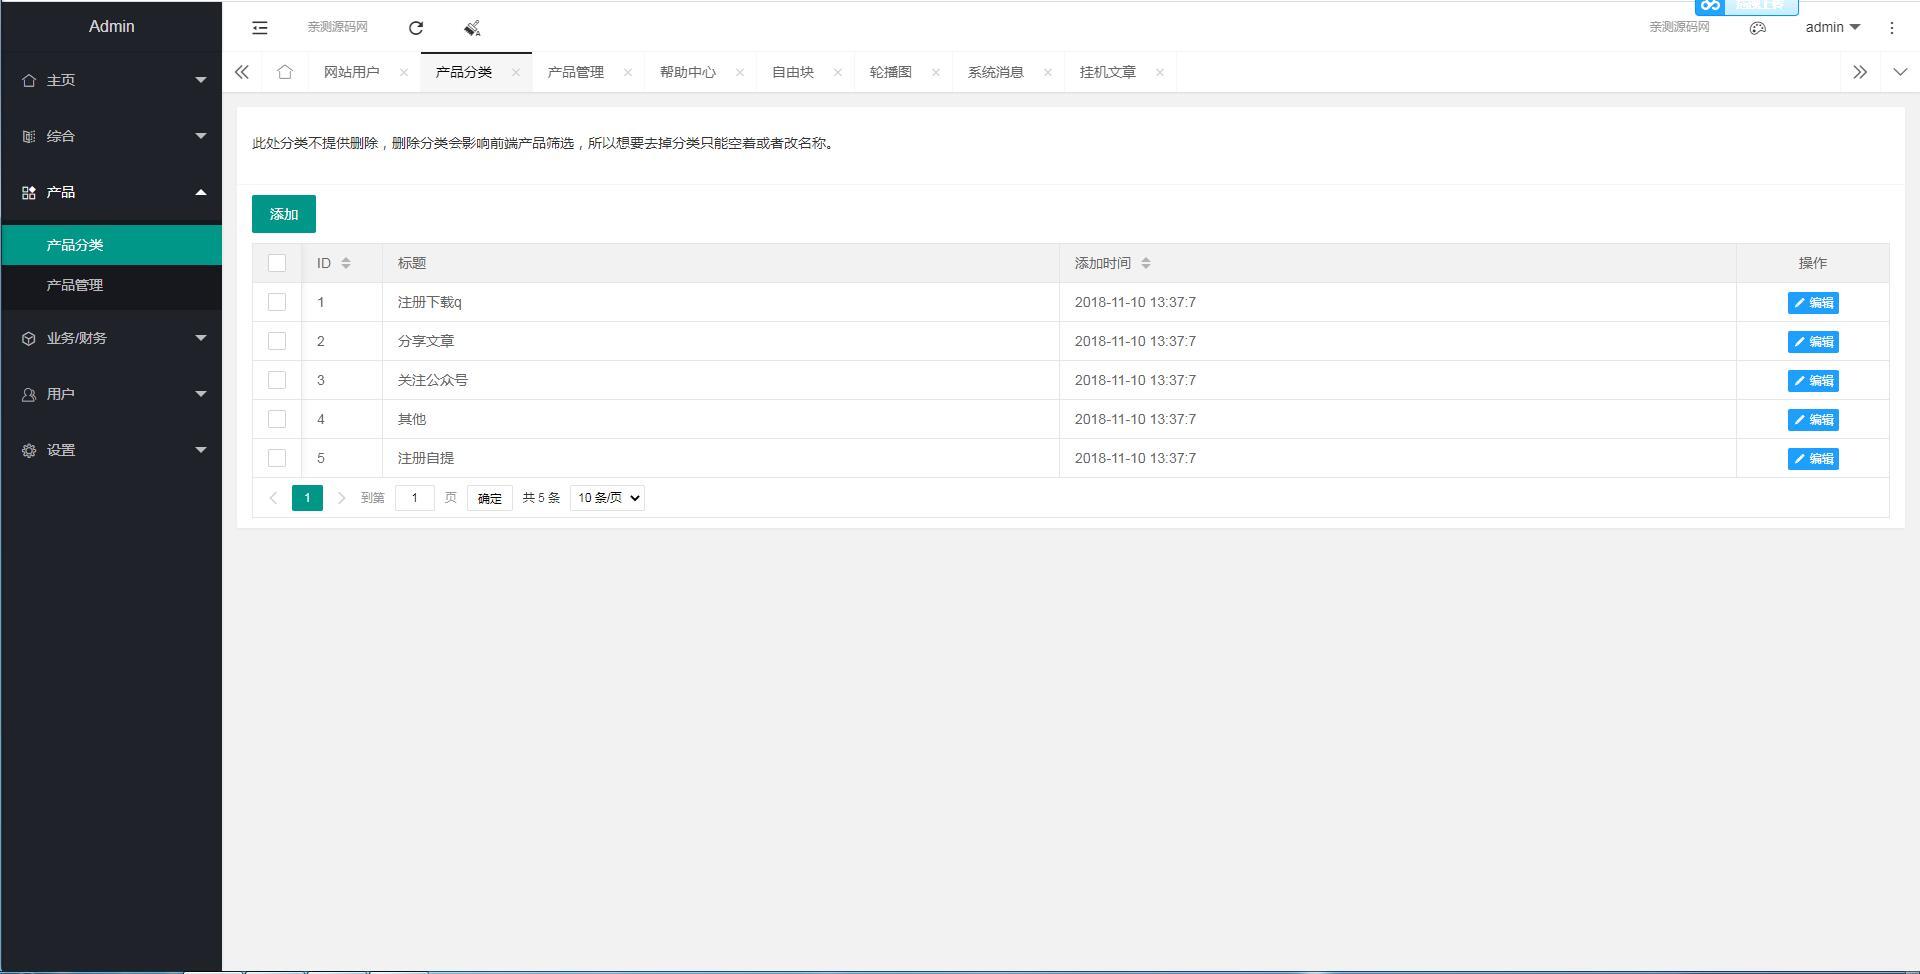 【亲测】任务接单平台源码自动挂机阅读文章赚钱系统任务接单平台图片